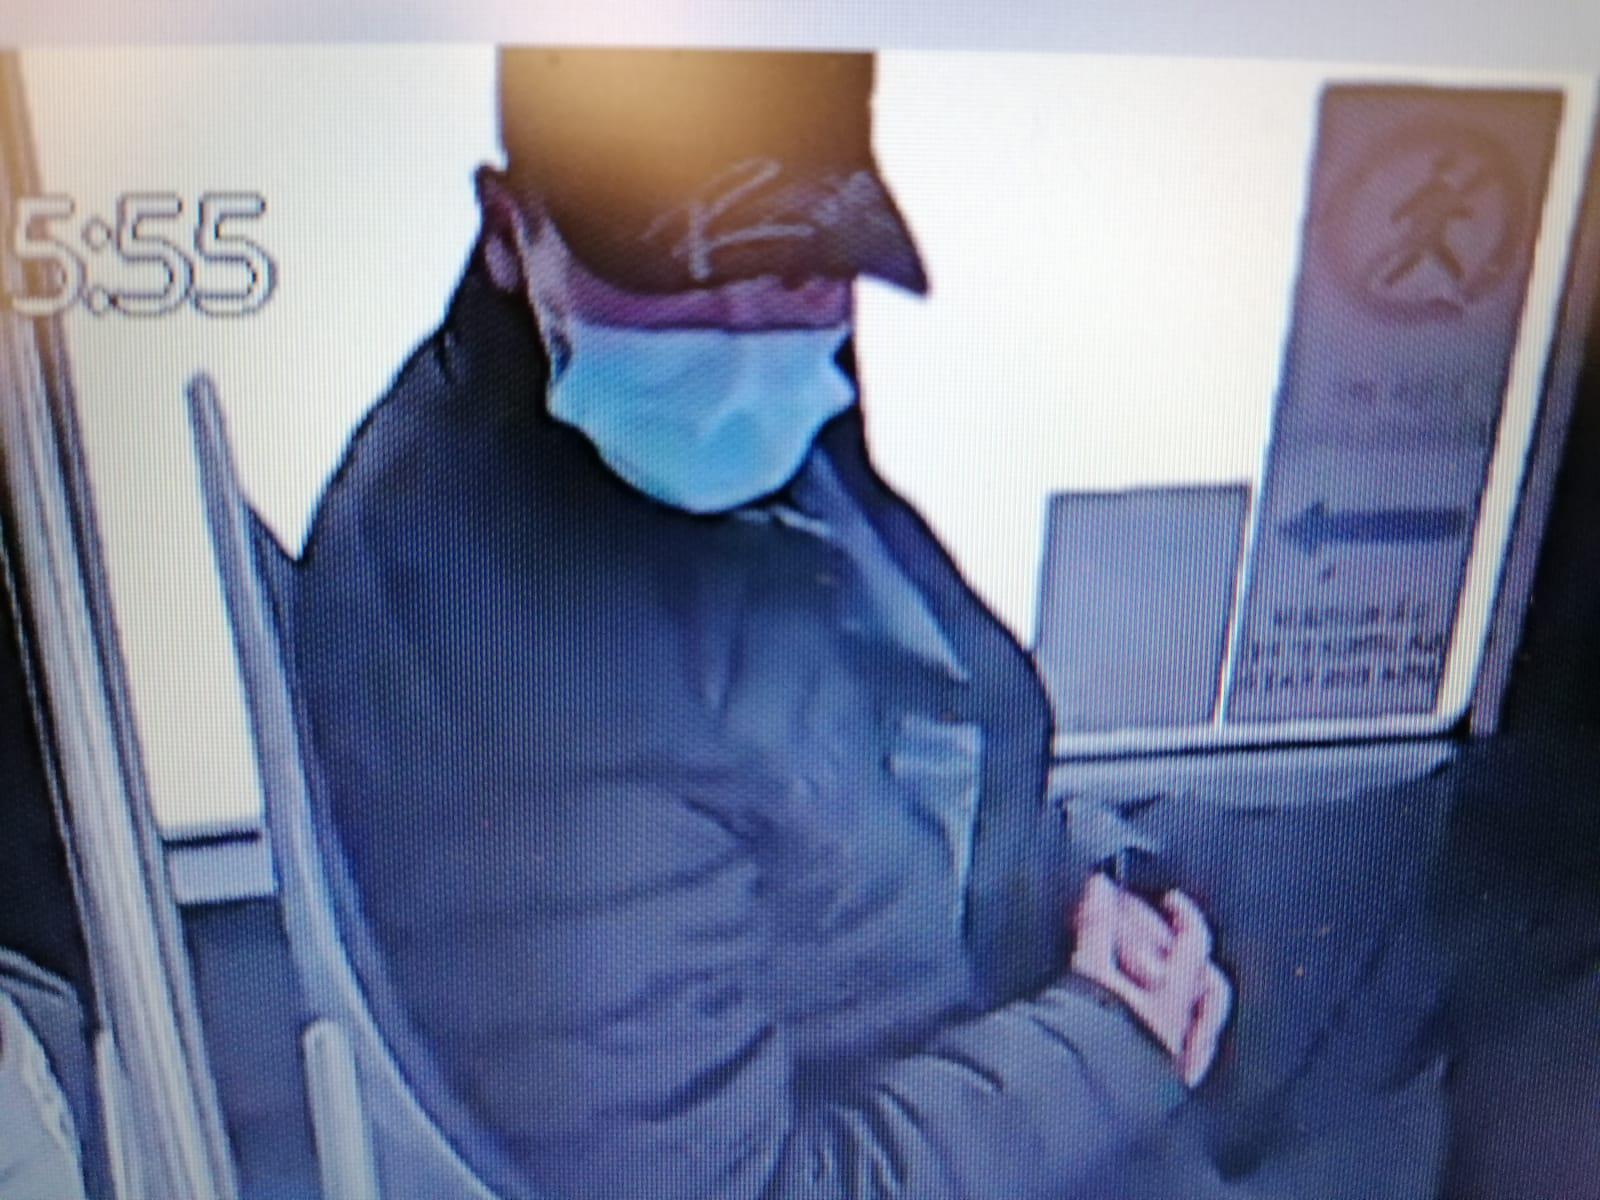 IPJ Sibiu vă solicită sprijin pentru identificarea hoțului din imagine